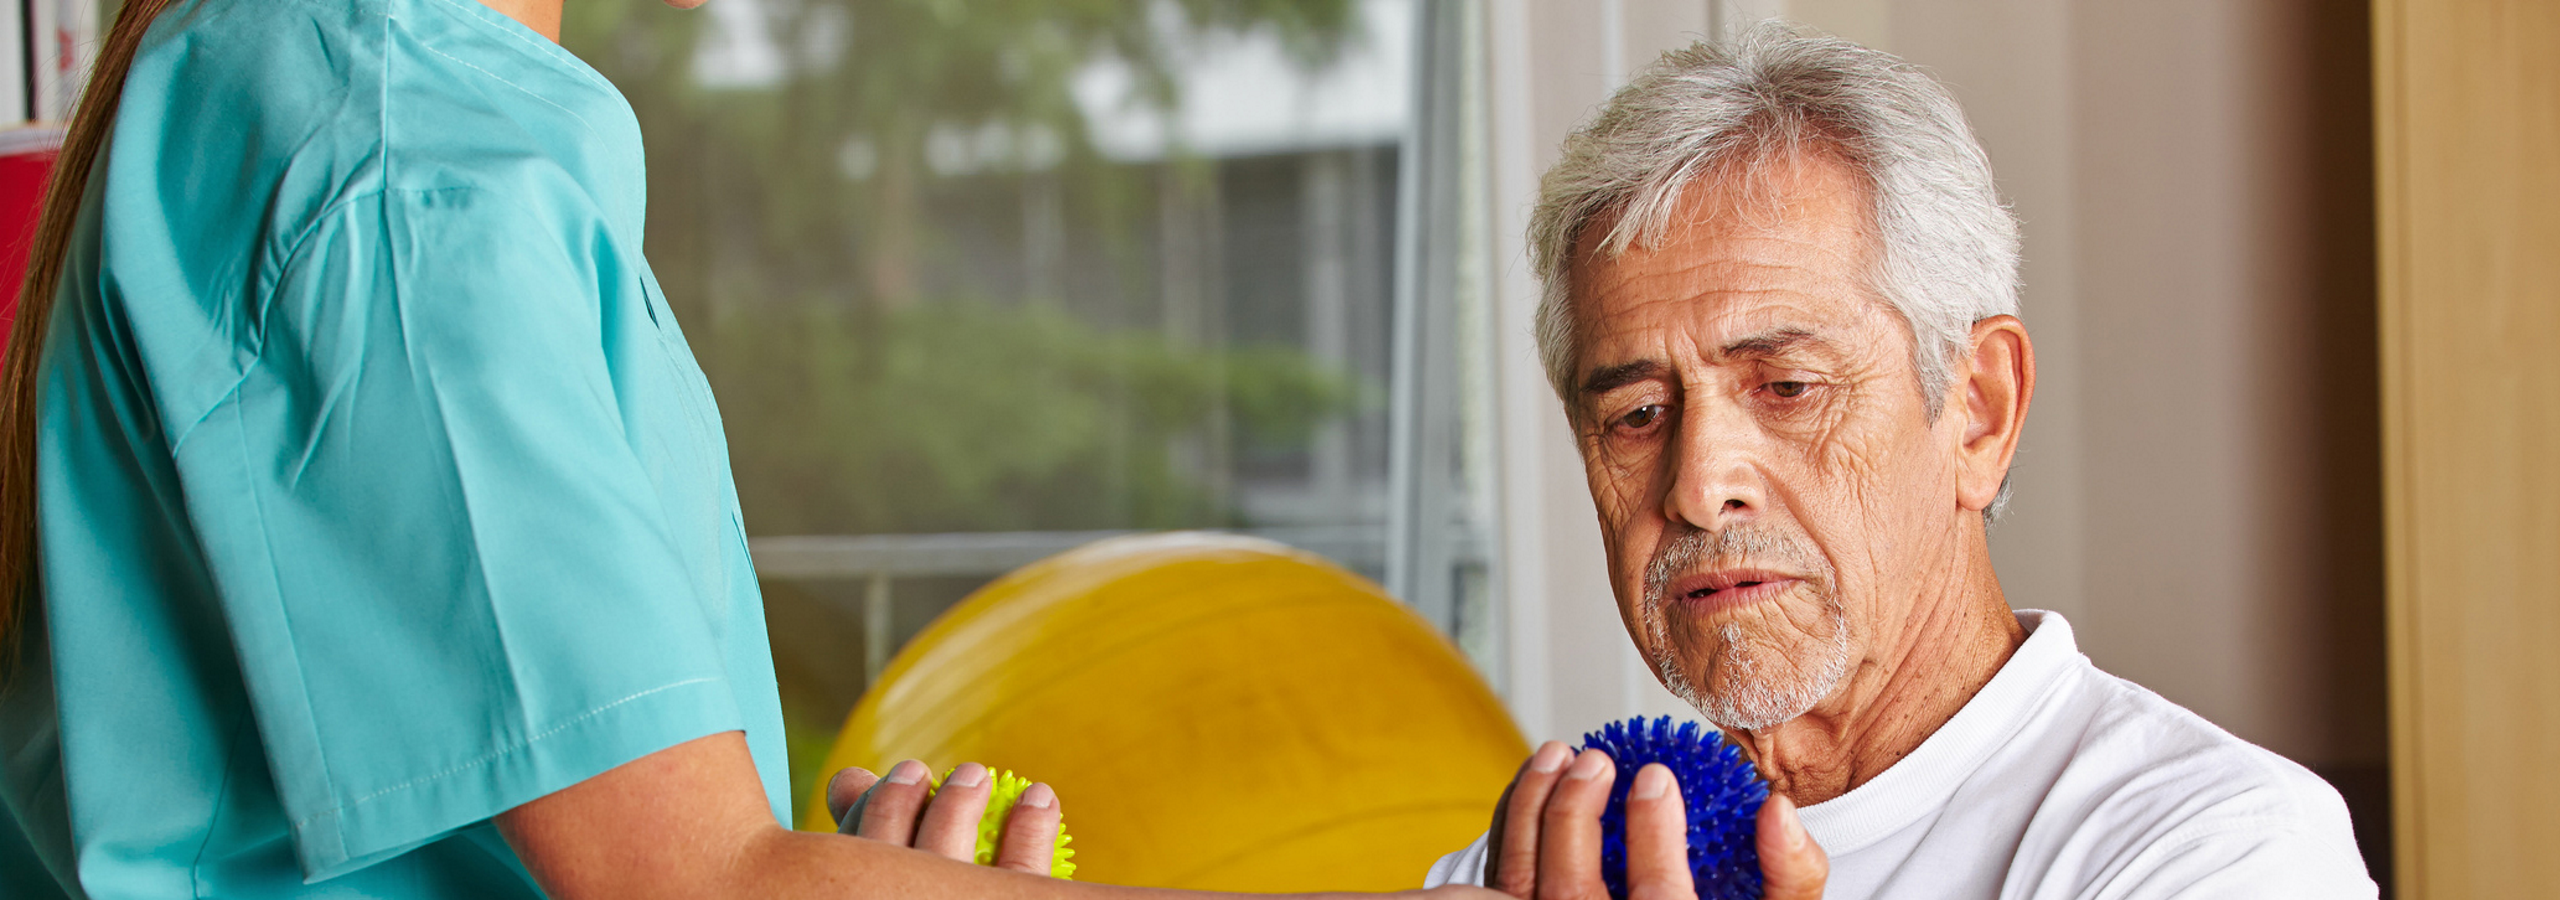 Mann hält bei Rehabilitationstherapie Igelbälle in den Händen.